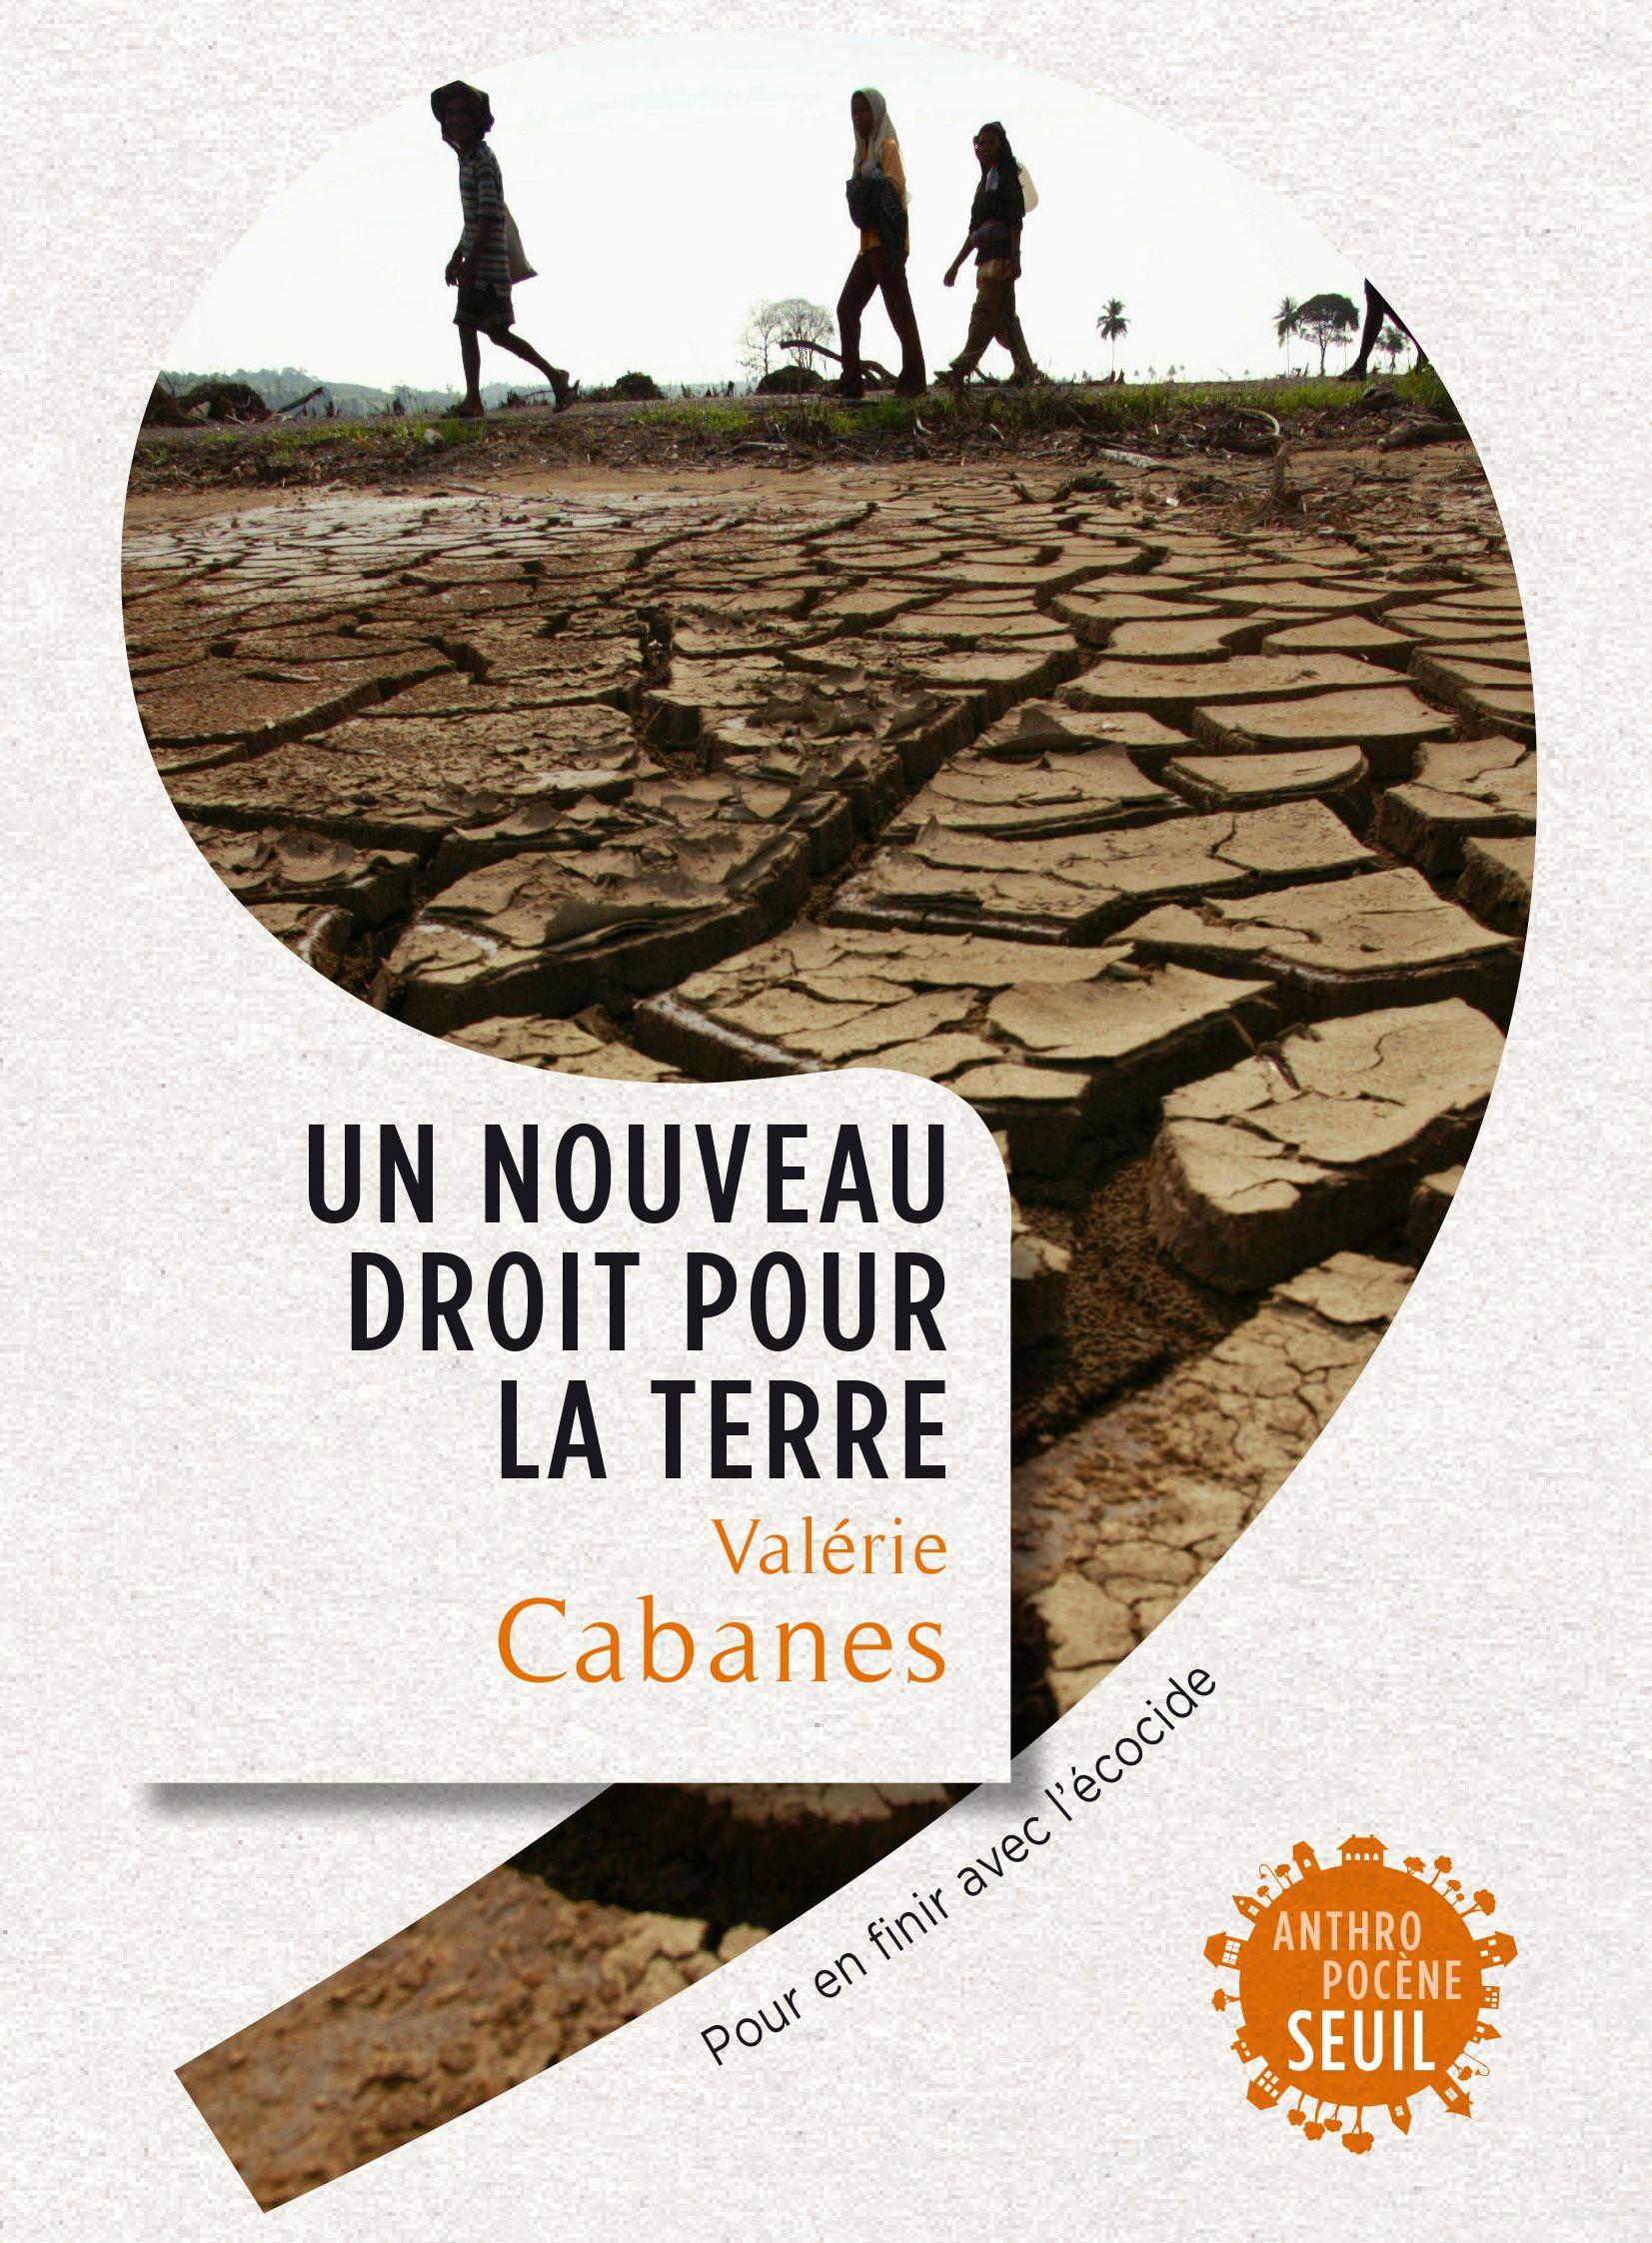 Un nouveau droit pour la Terre - Valérie Cabanes